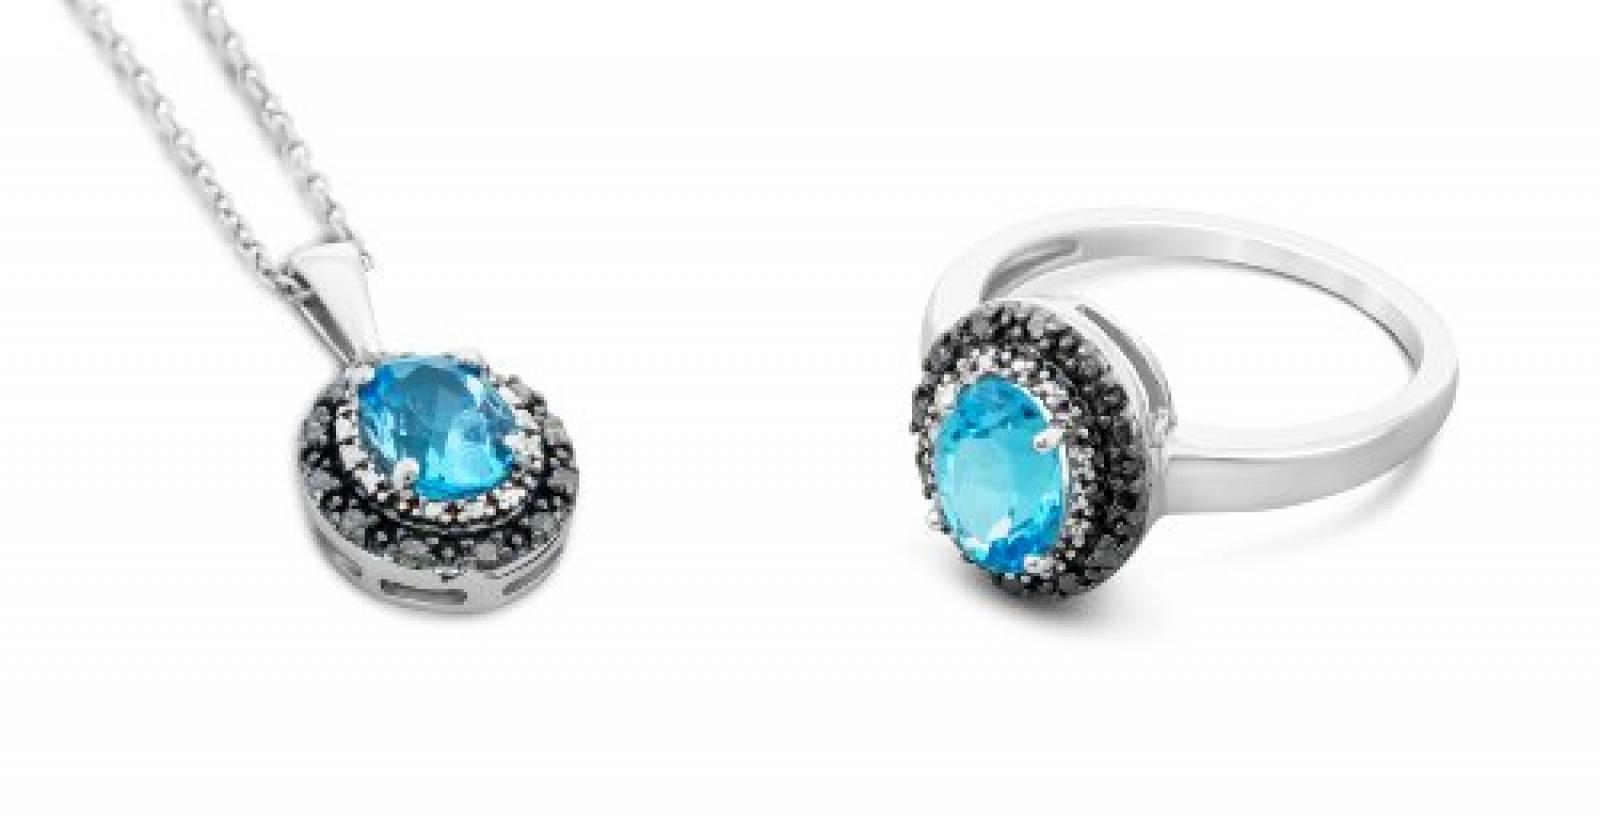 Miore Damen-Schmuckset Halskette und Ring 925 Sterling Silber Topas Blau mit Brillanten Gr. 54 (17.2) MSG001